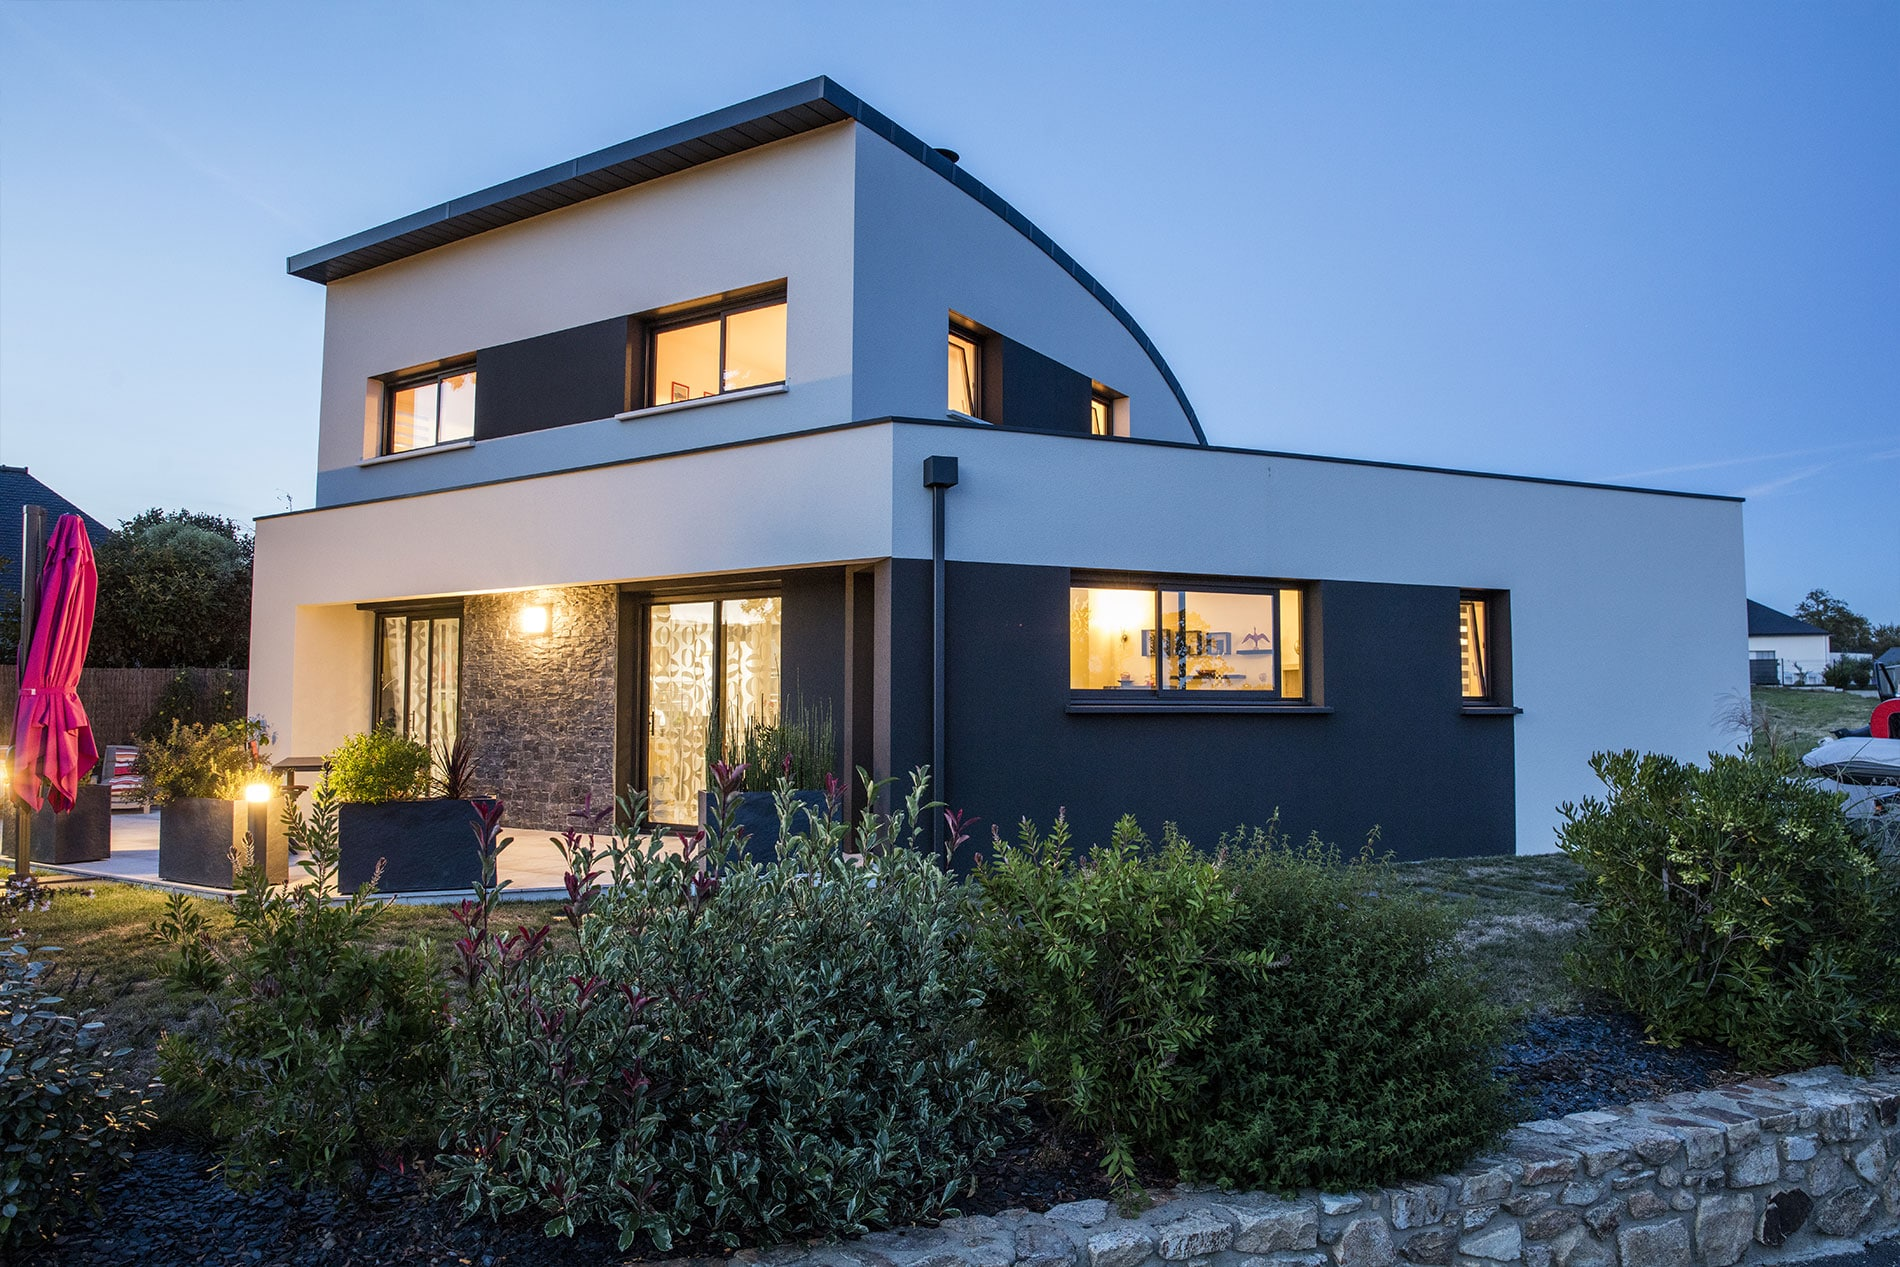 Maison contemporaine avec toiture cintrée dans le Morbihan (56)   Trecobat